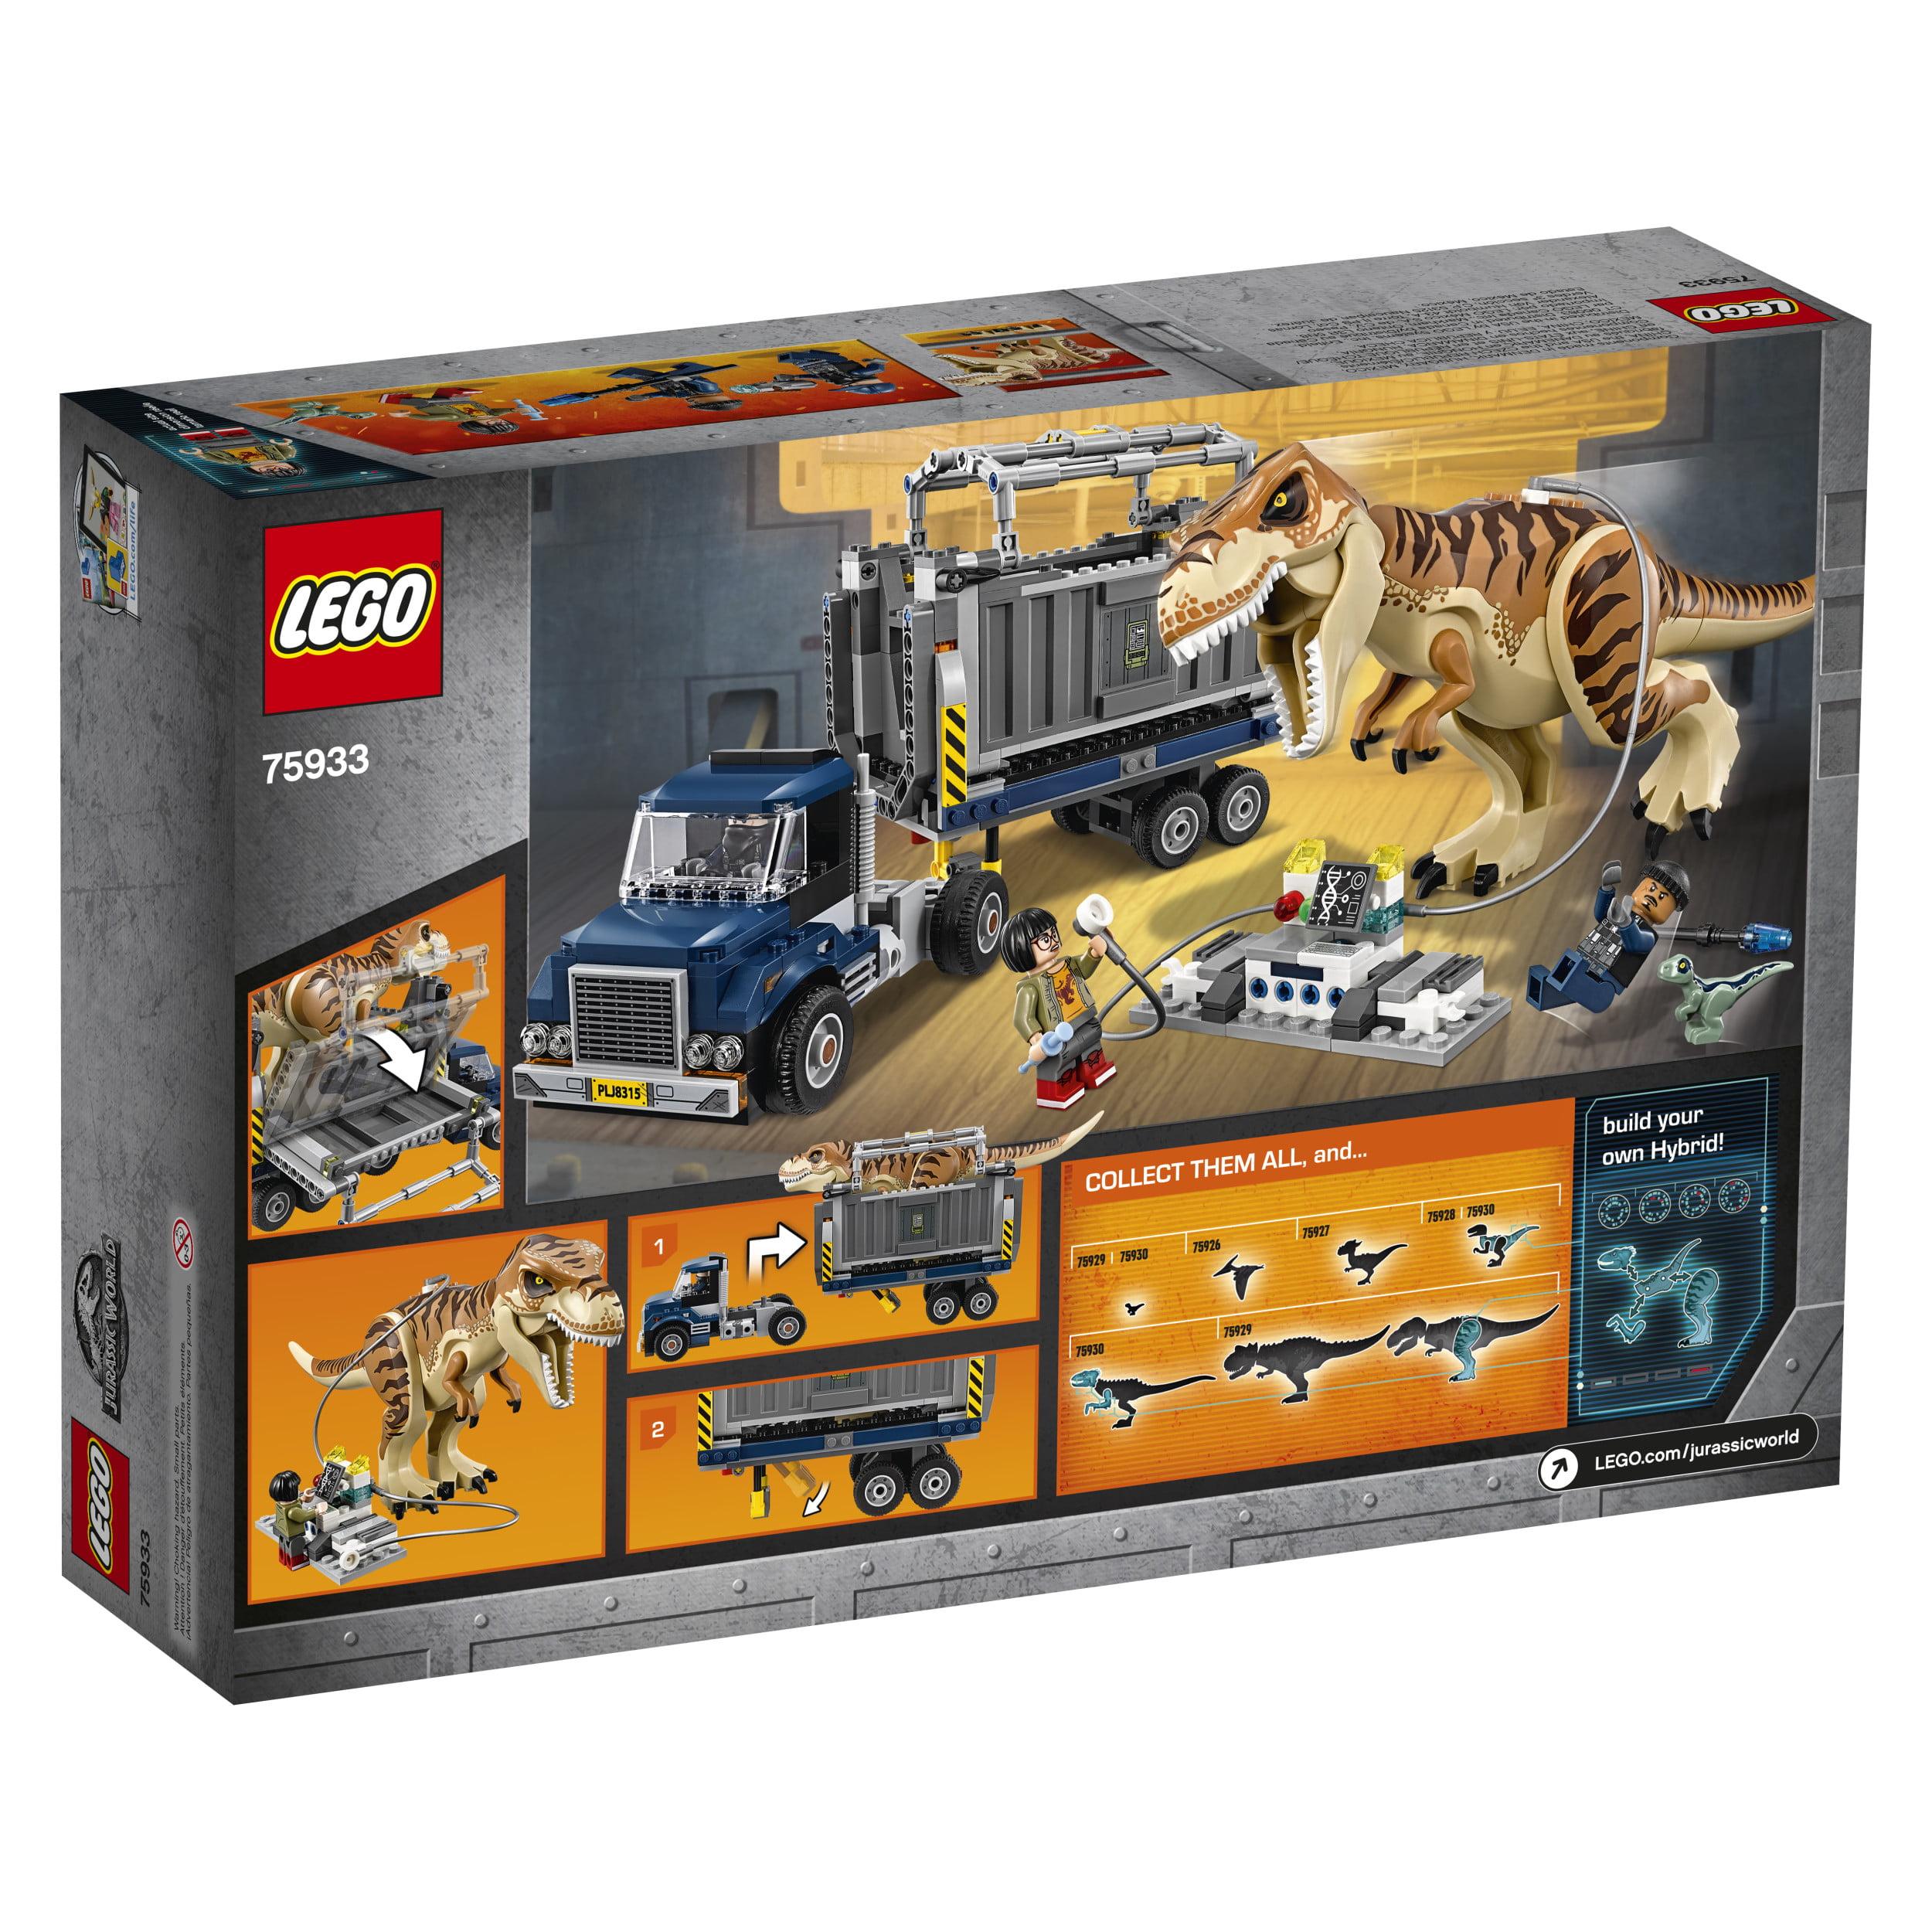 LEGO Jurassic World T. Rex Transport 75933   Walmart.com